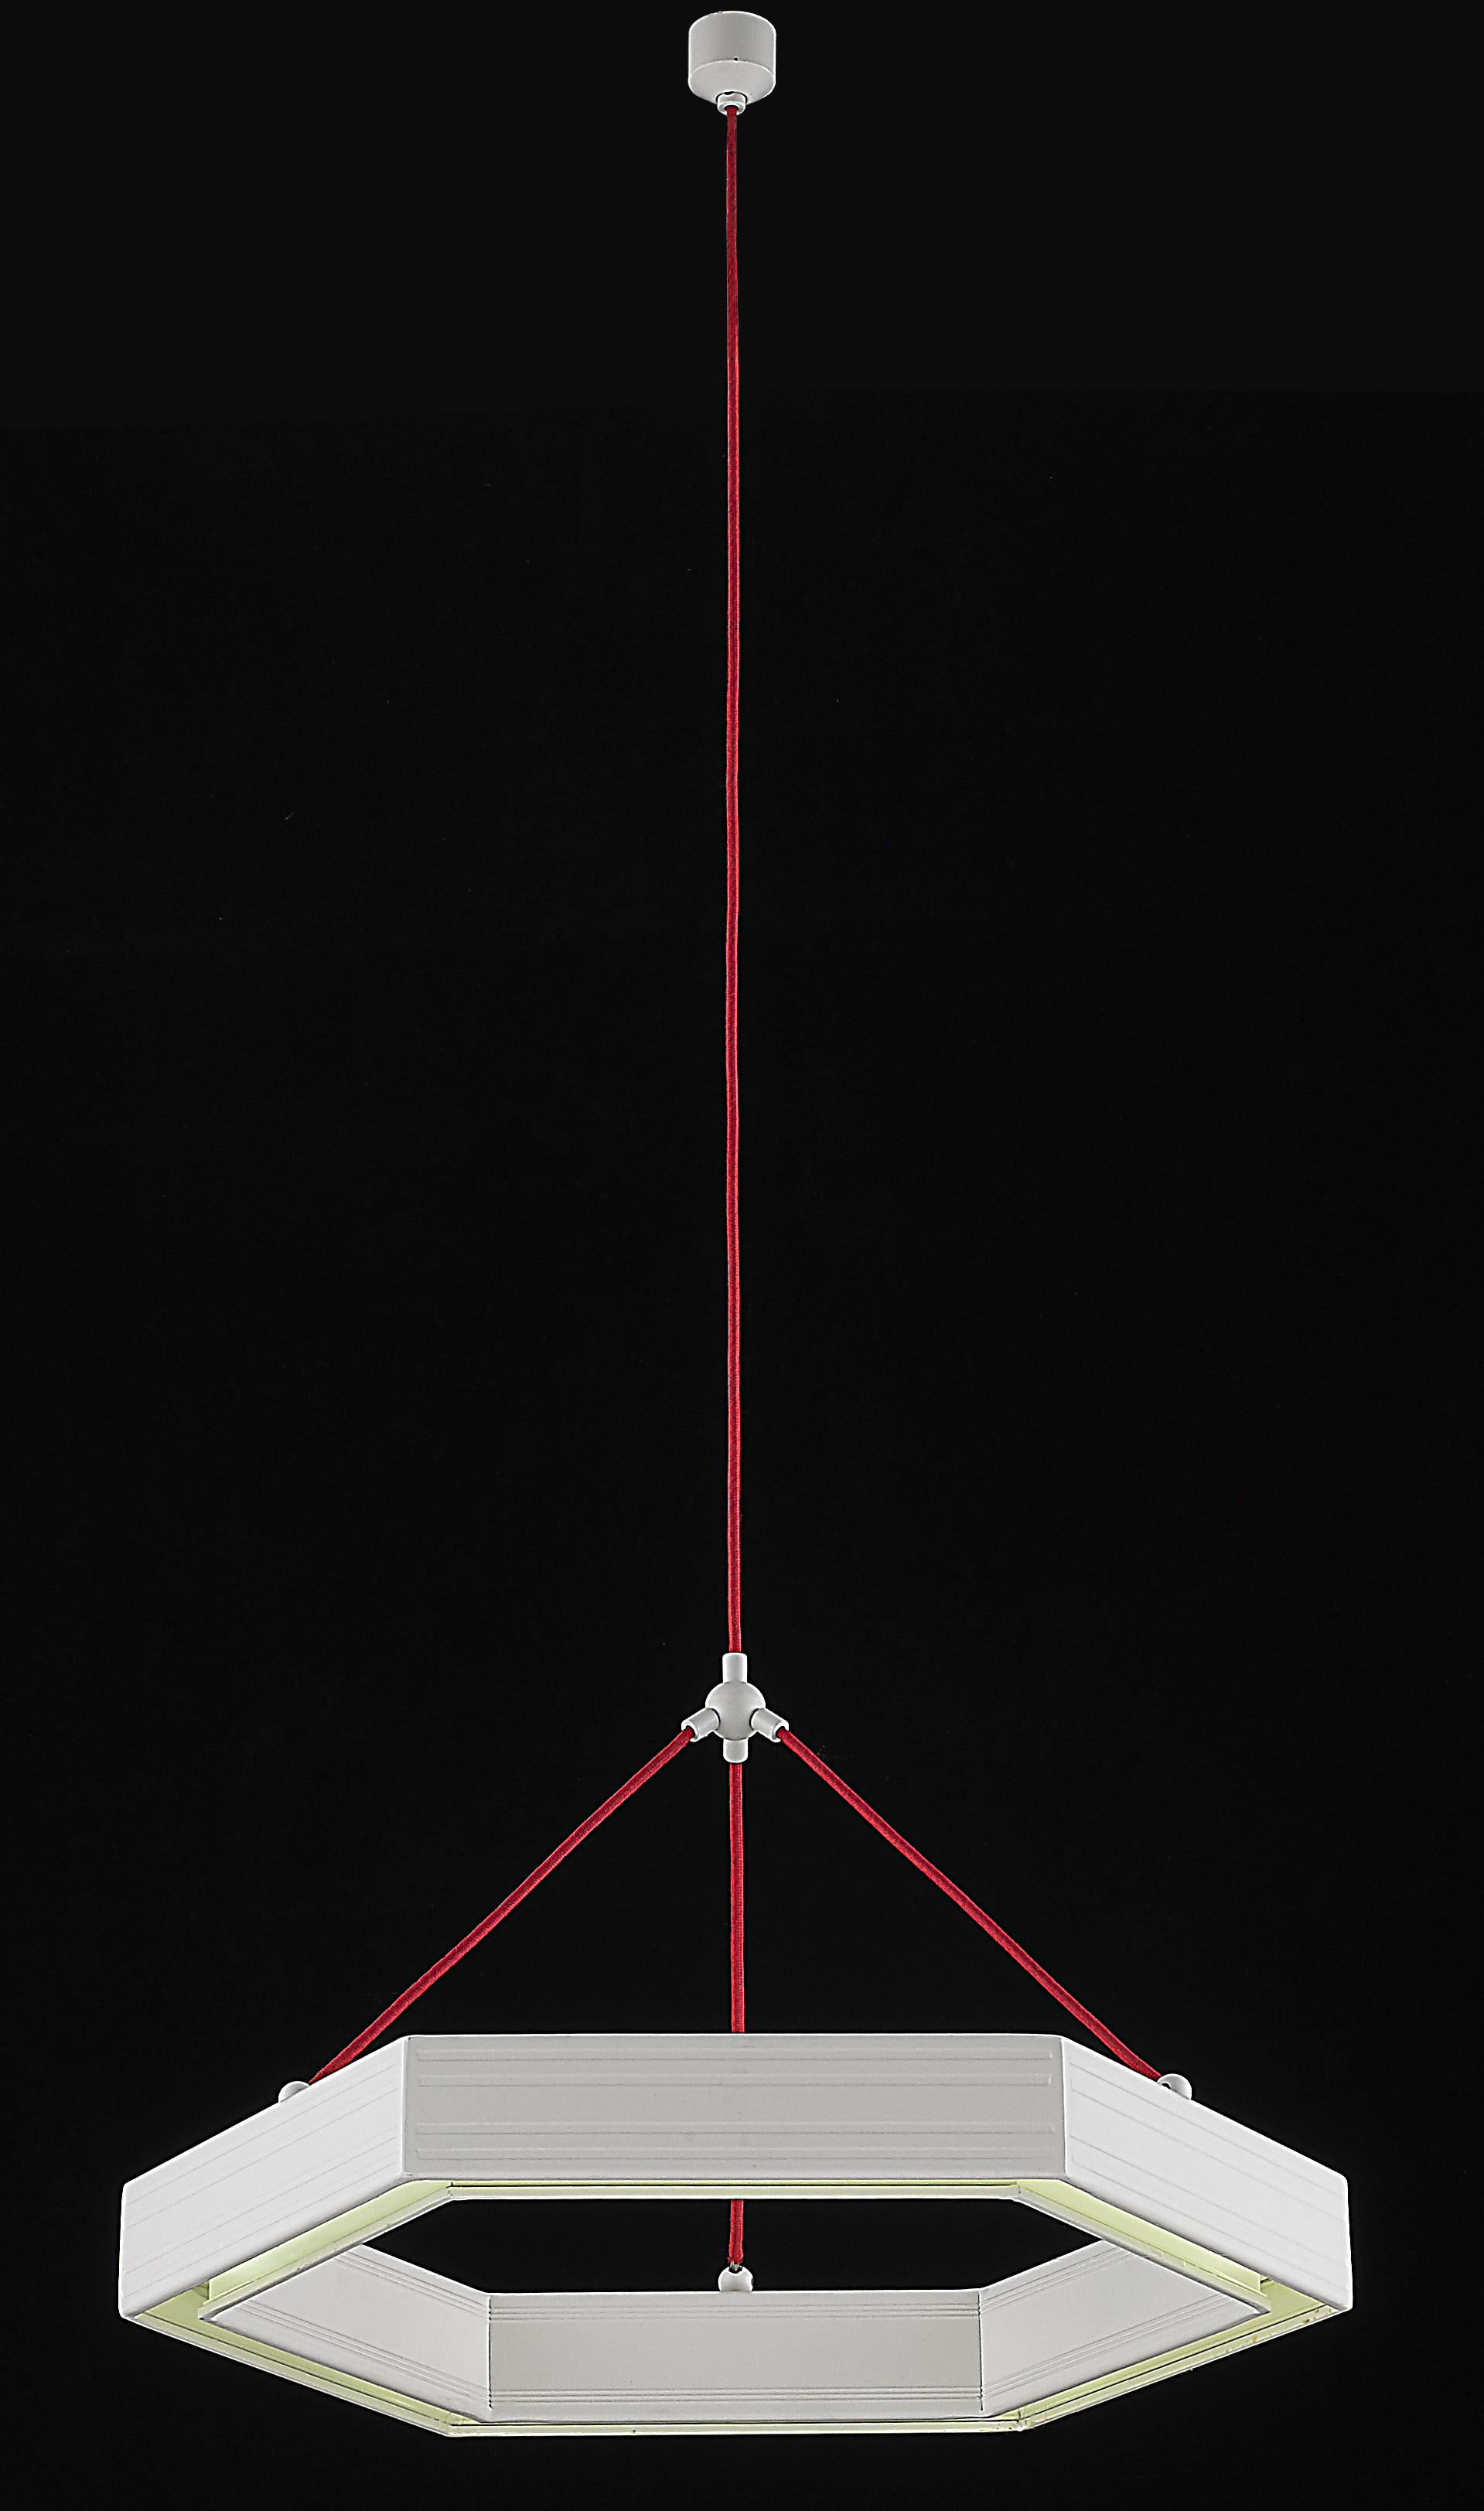 MD2558/1 永俊利灯饰